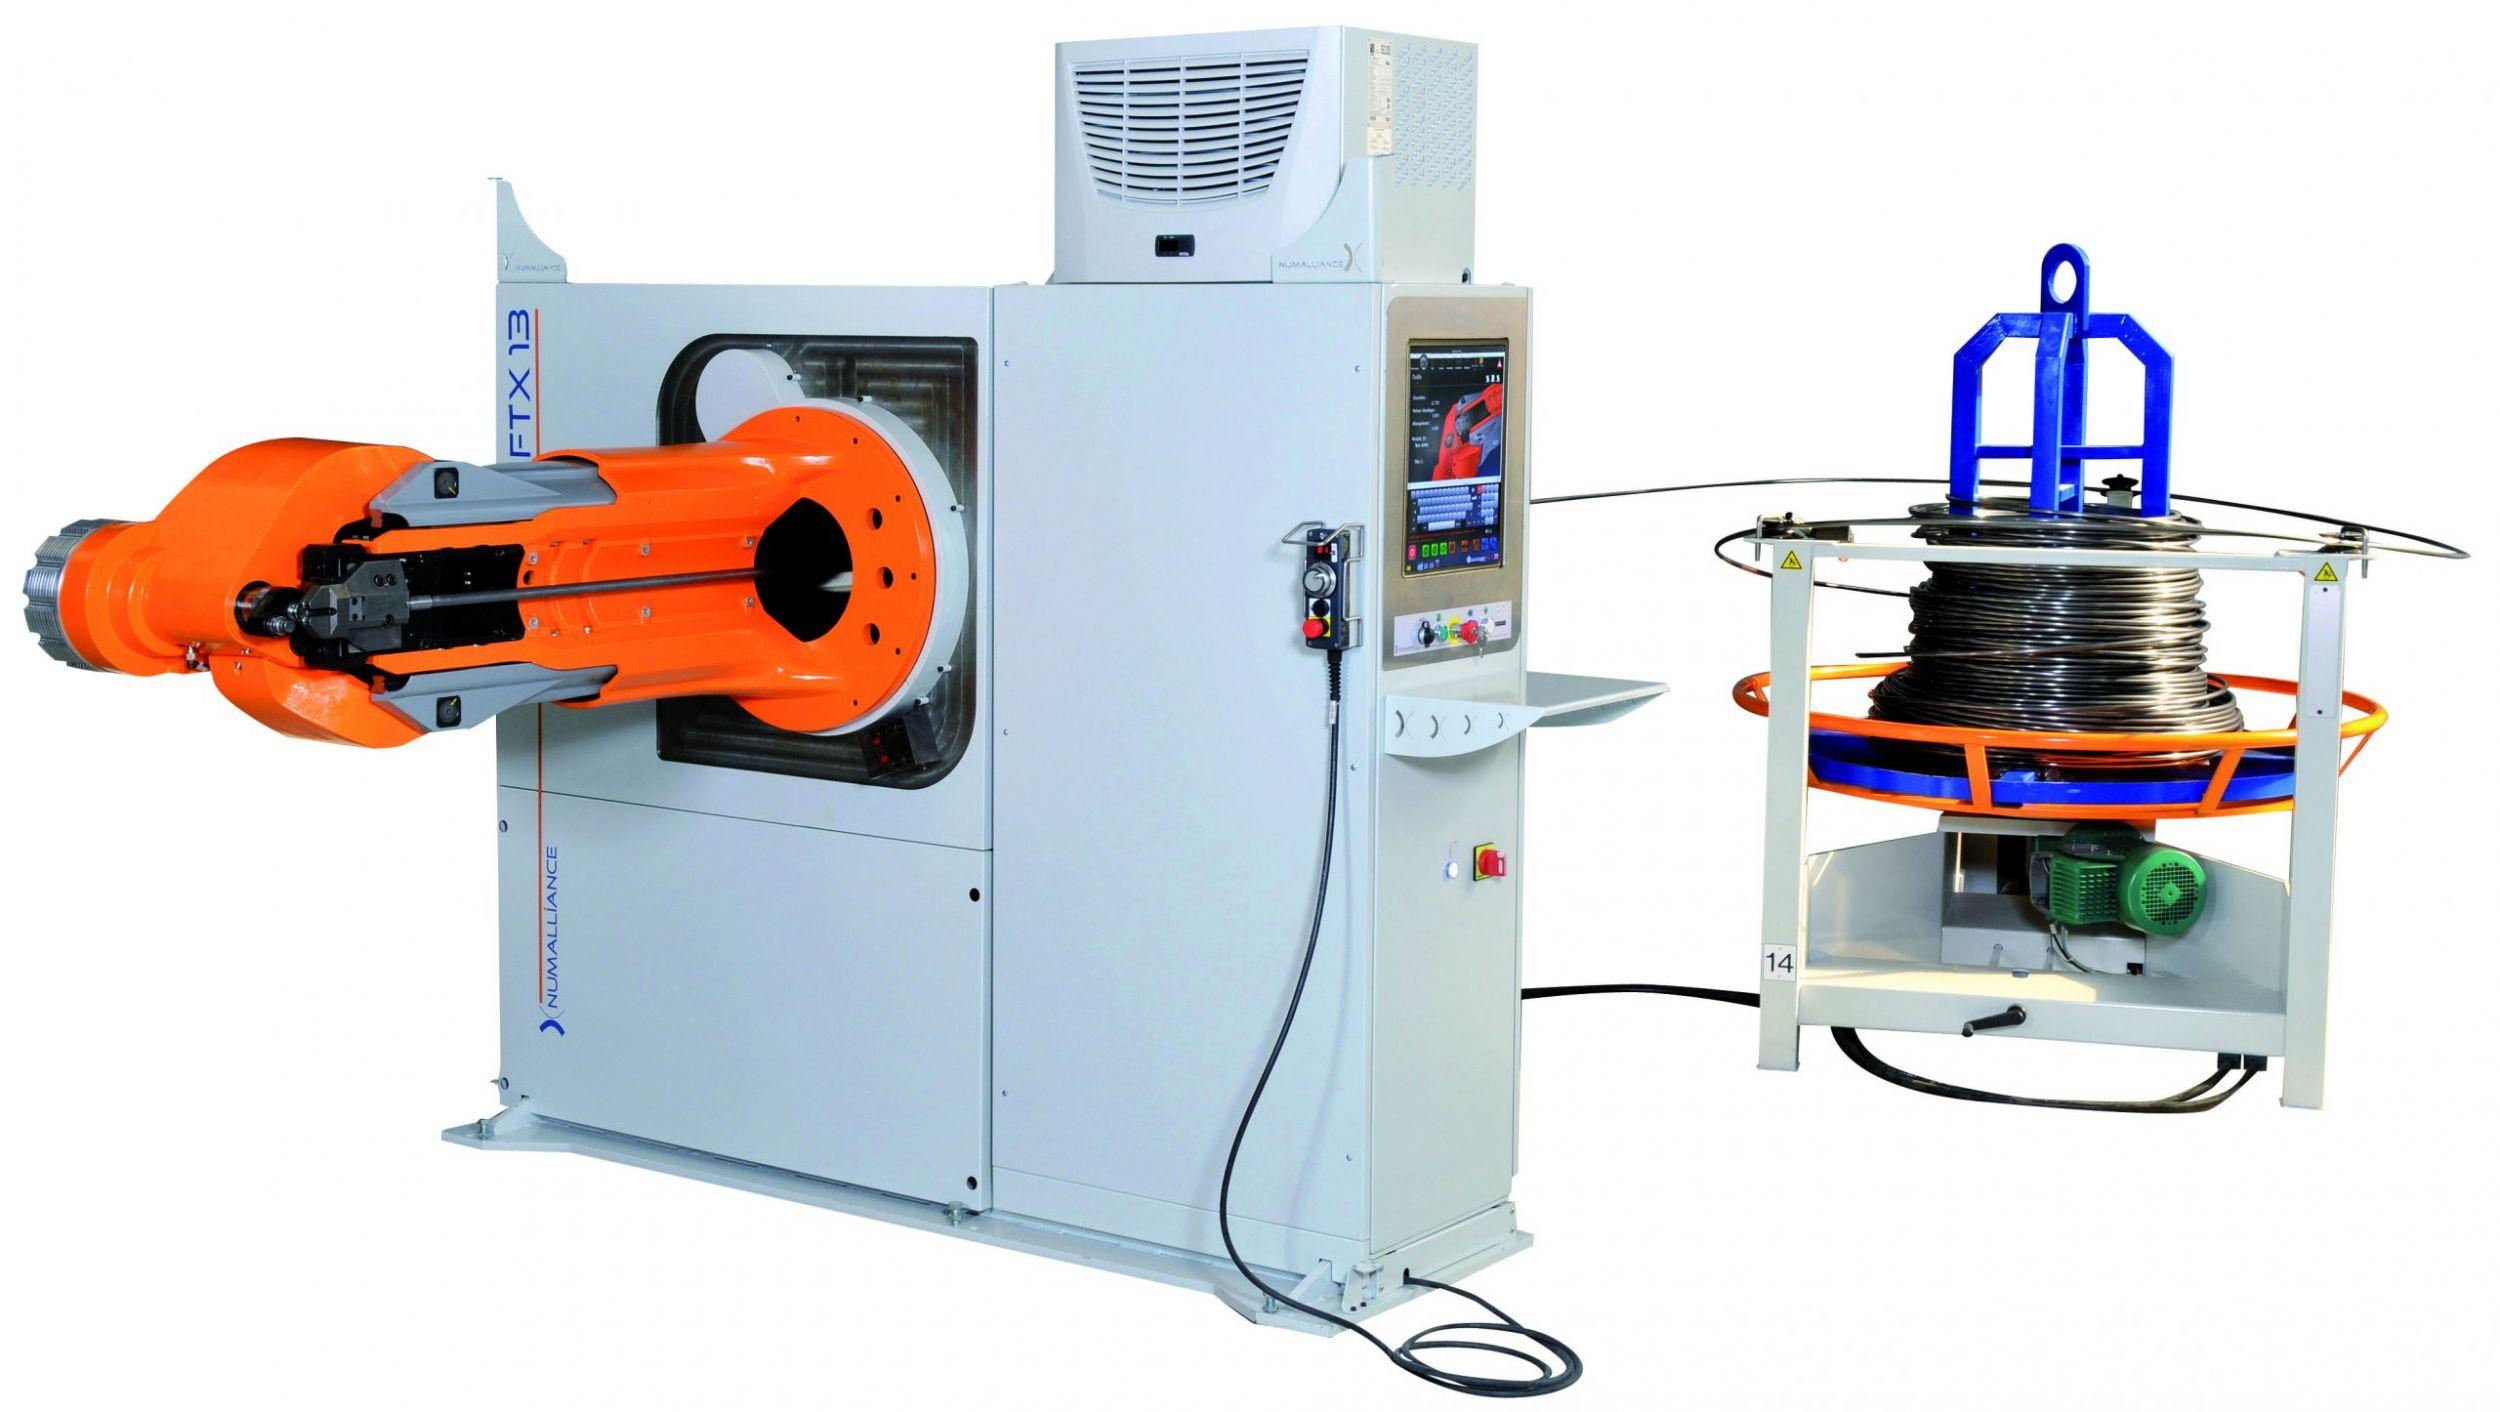 Numalliance Drahtbiegemaschine (Bild: Numalliance SAS)